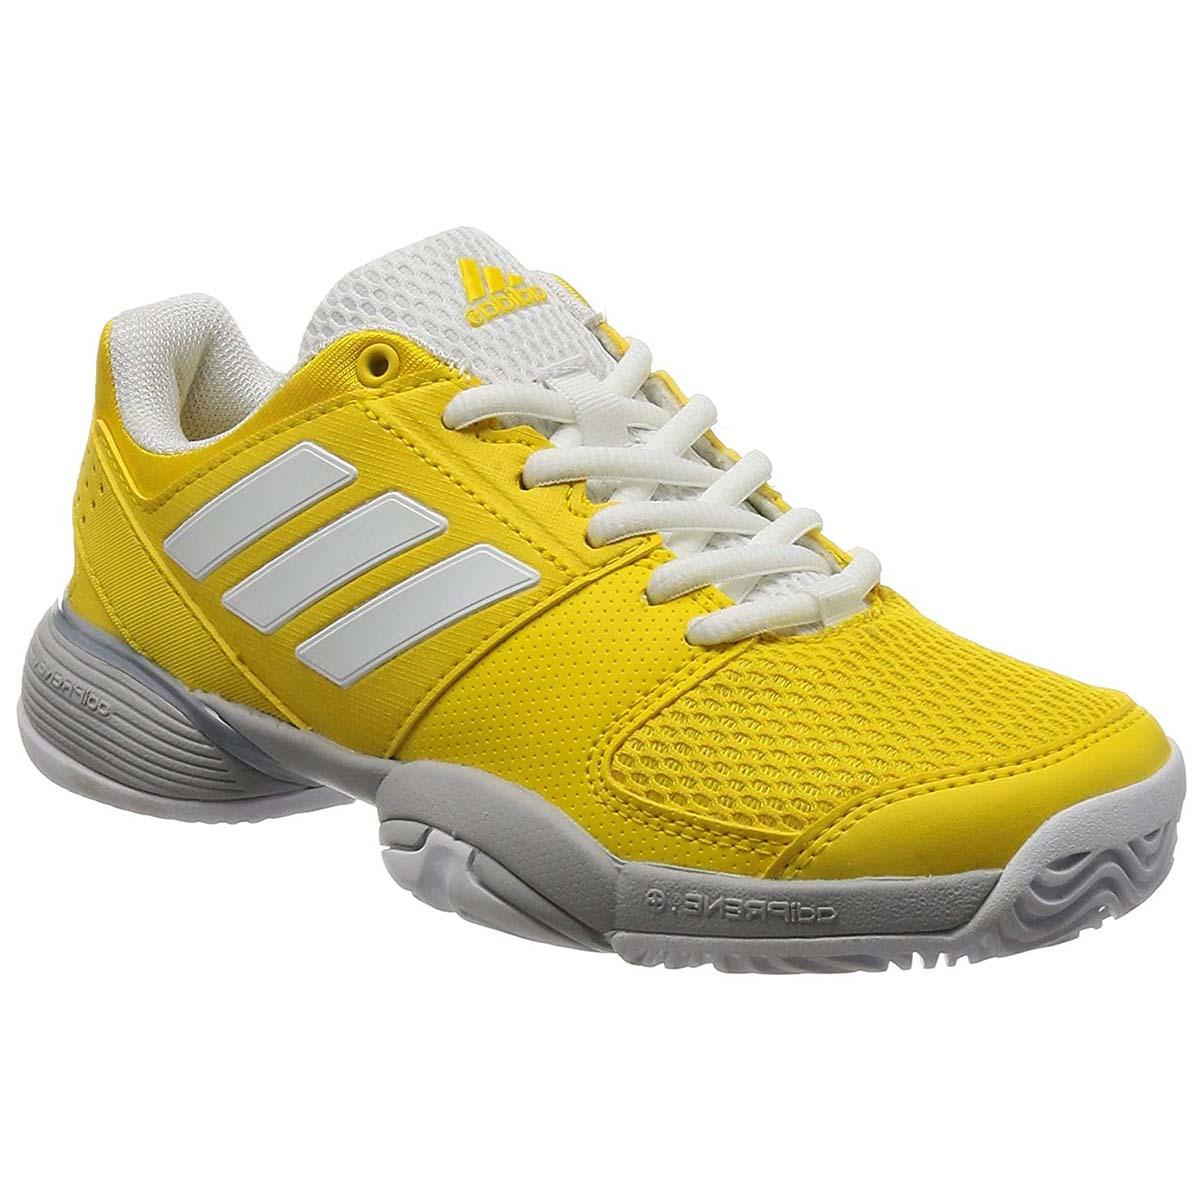 d760840664dd7f Buy Adidas Barricade Club XJ Low Junior Tennis Shoes Online in India